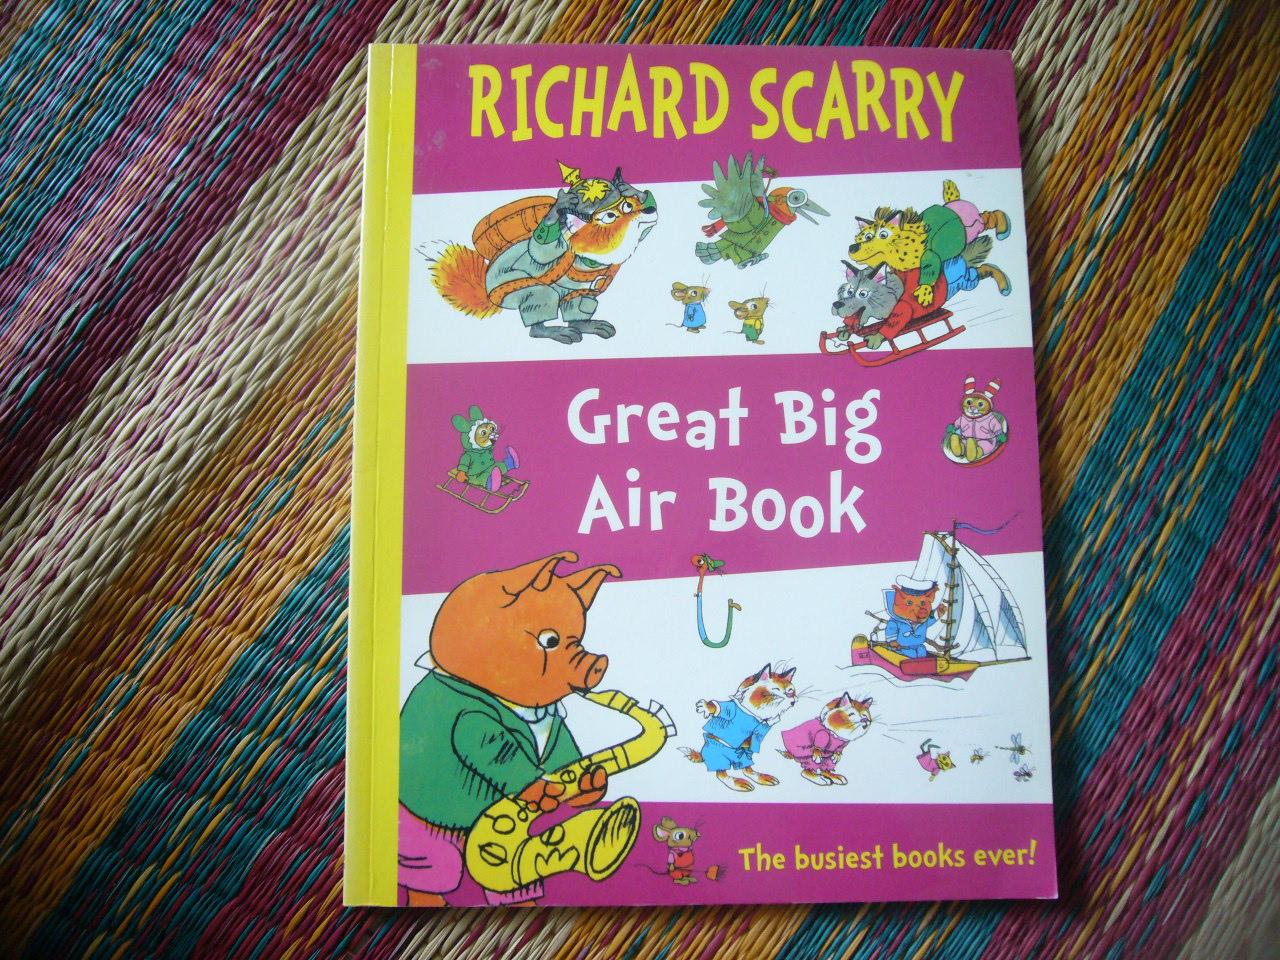 Great Big Air Book